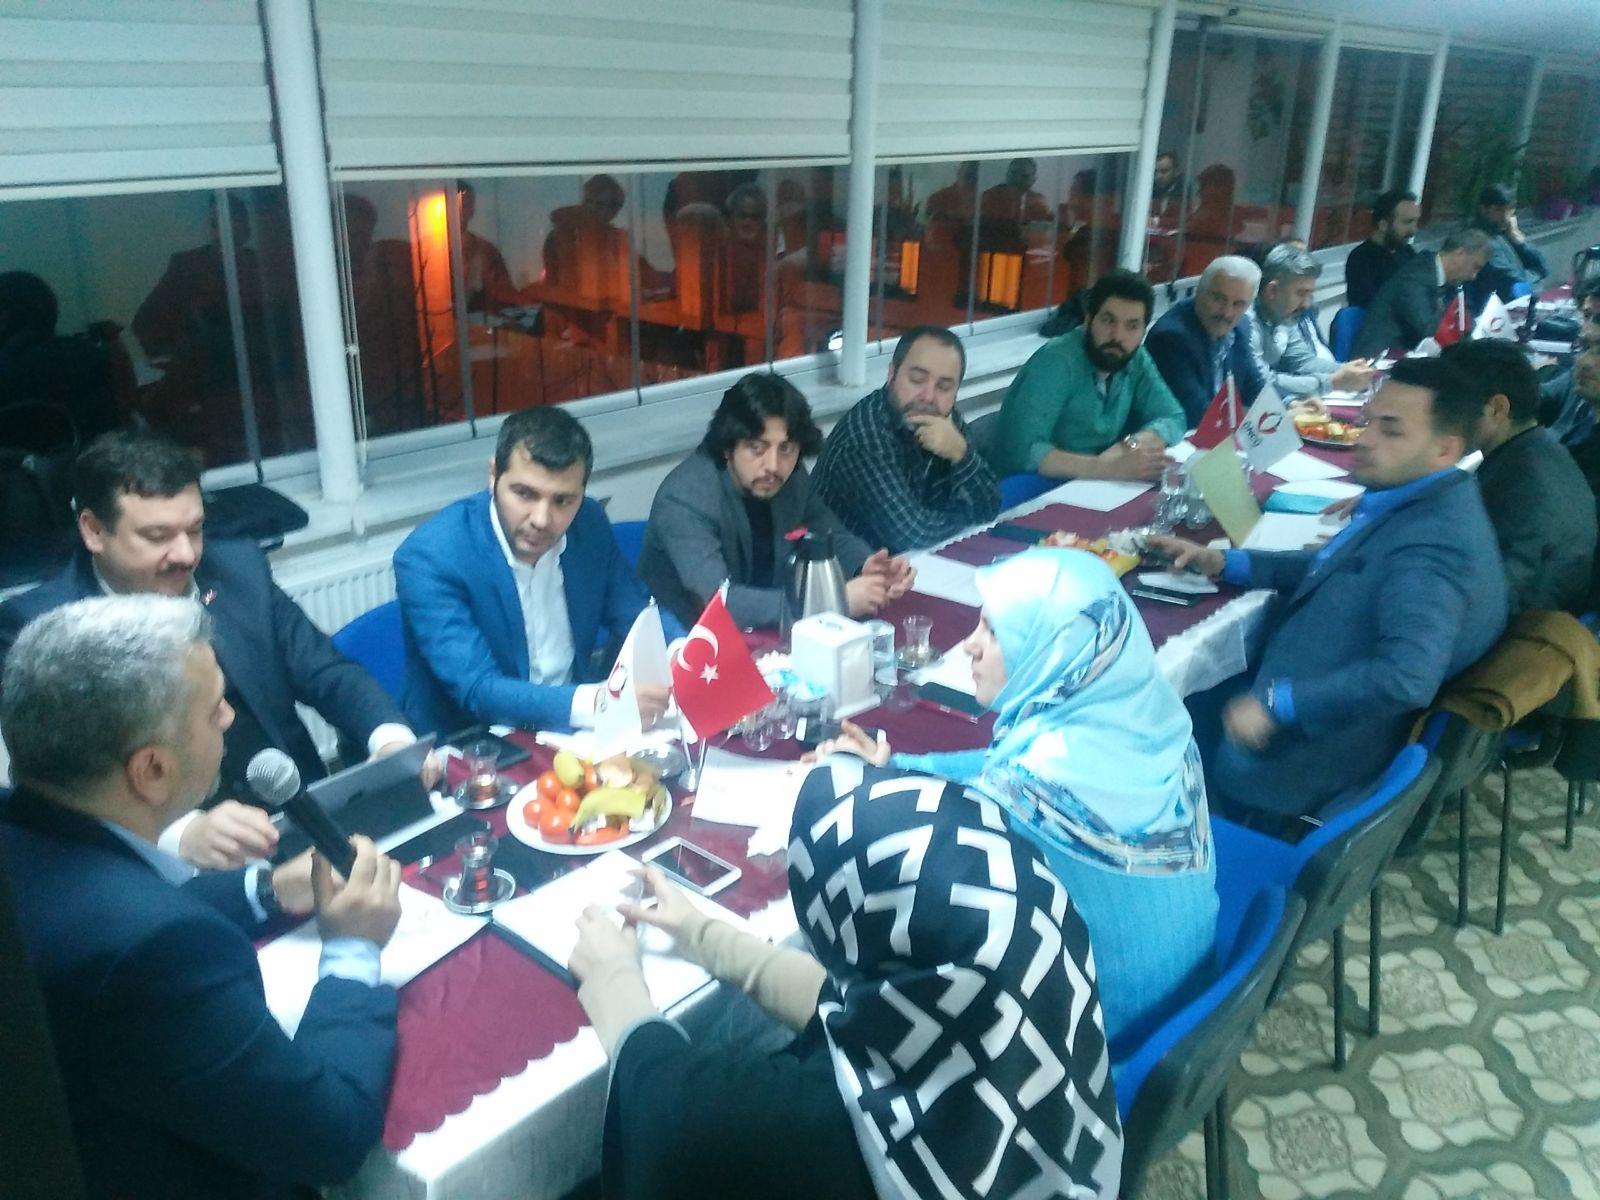 Öncü Gençlik Spor kulübü Anadolu yürüyüşüne çıkıyor